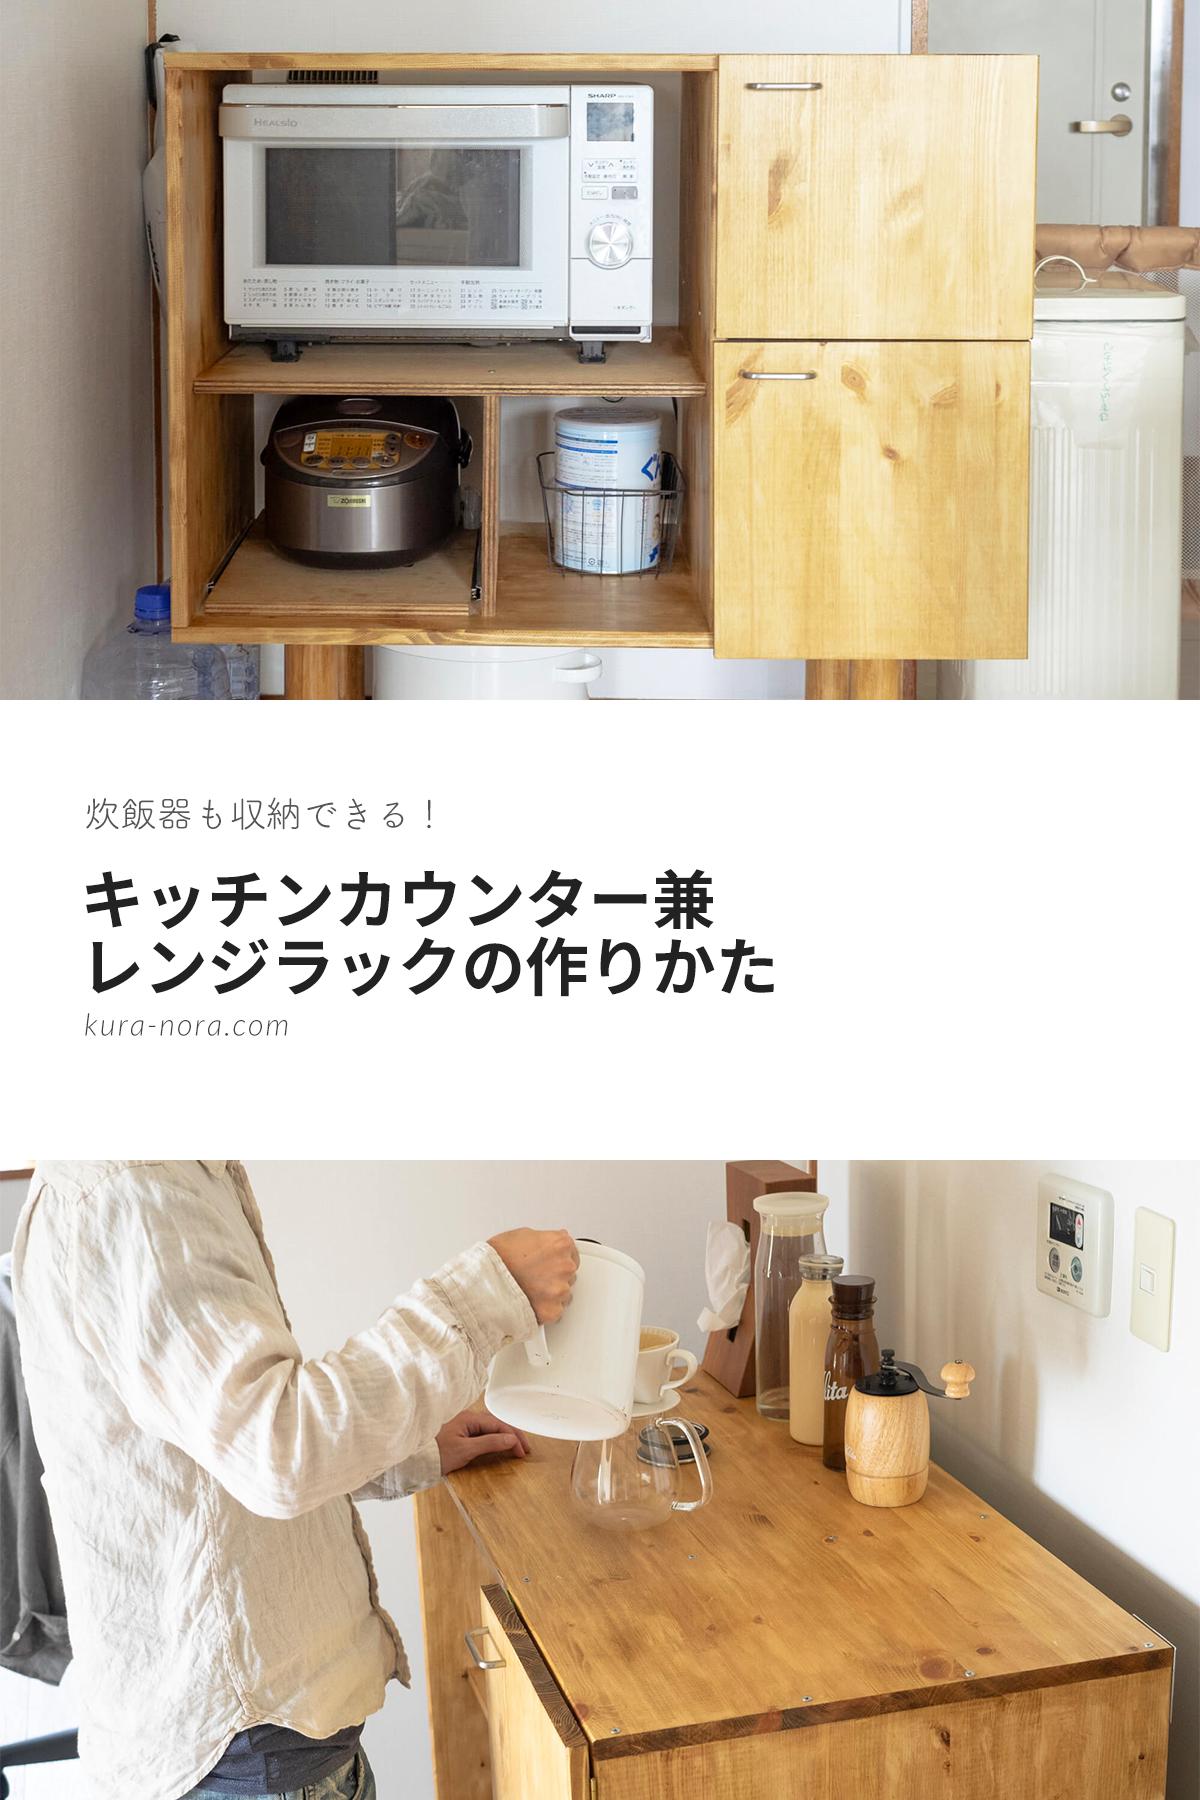 Diy キッチンカウンターの作りかた Diyキッチン 電子レンジ 収納 リビング キッチン